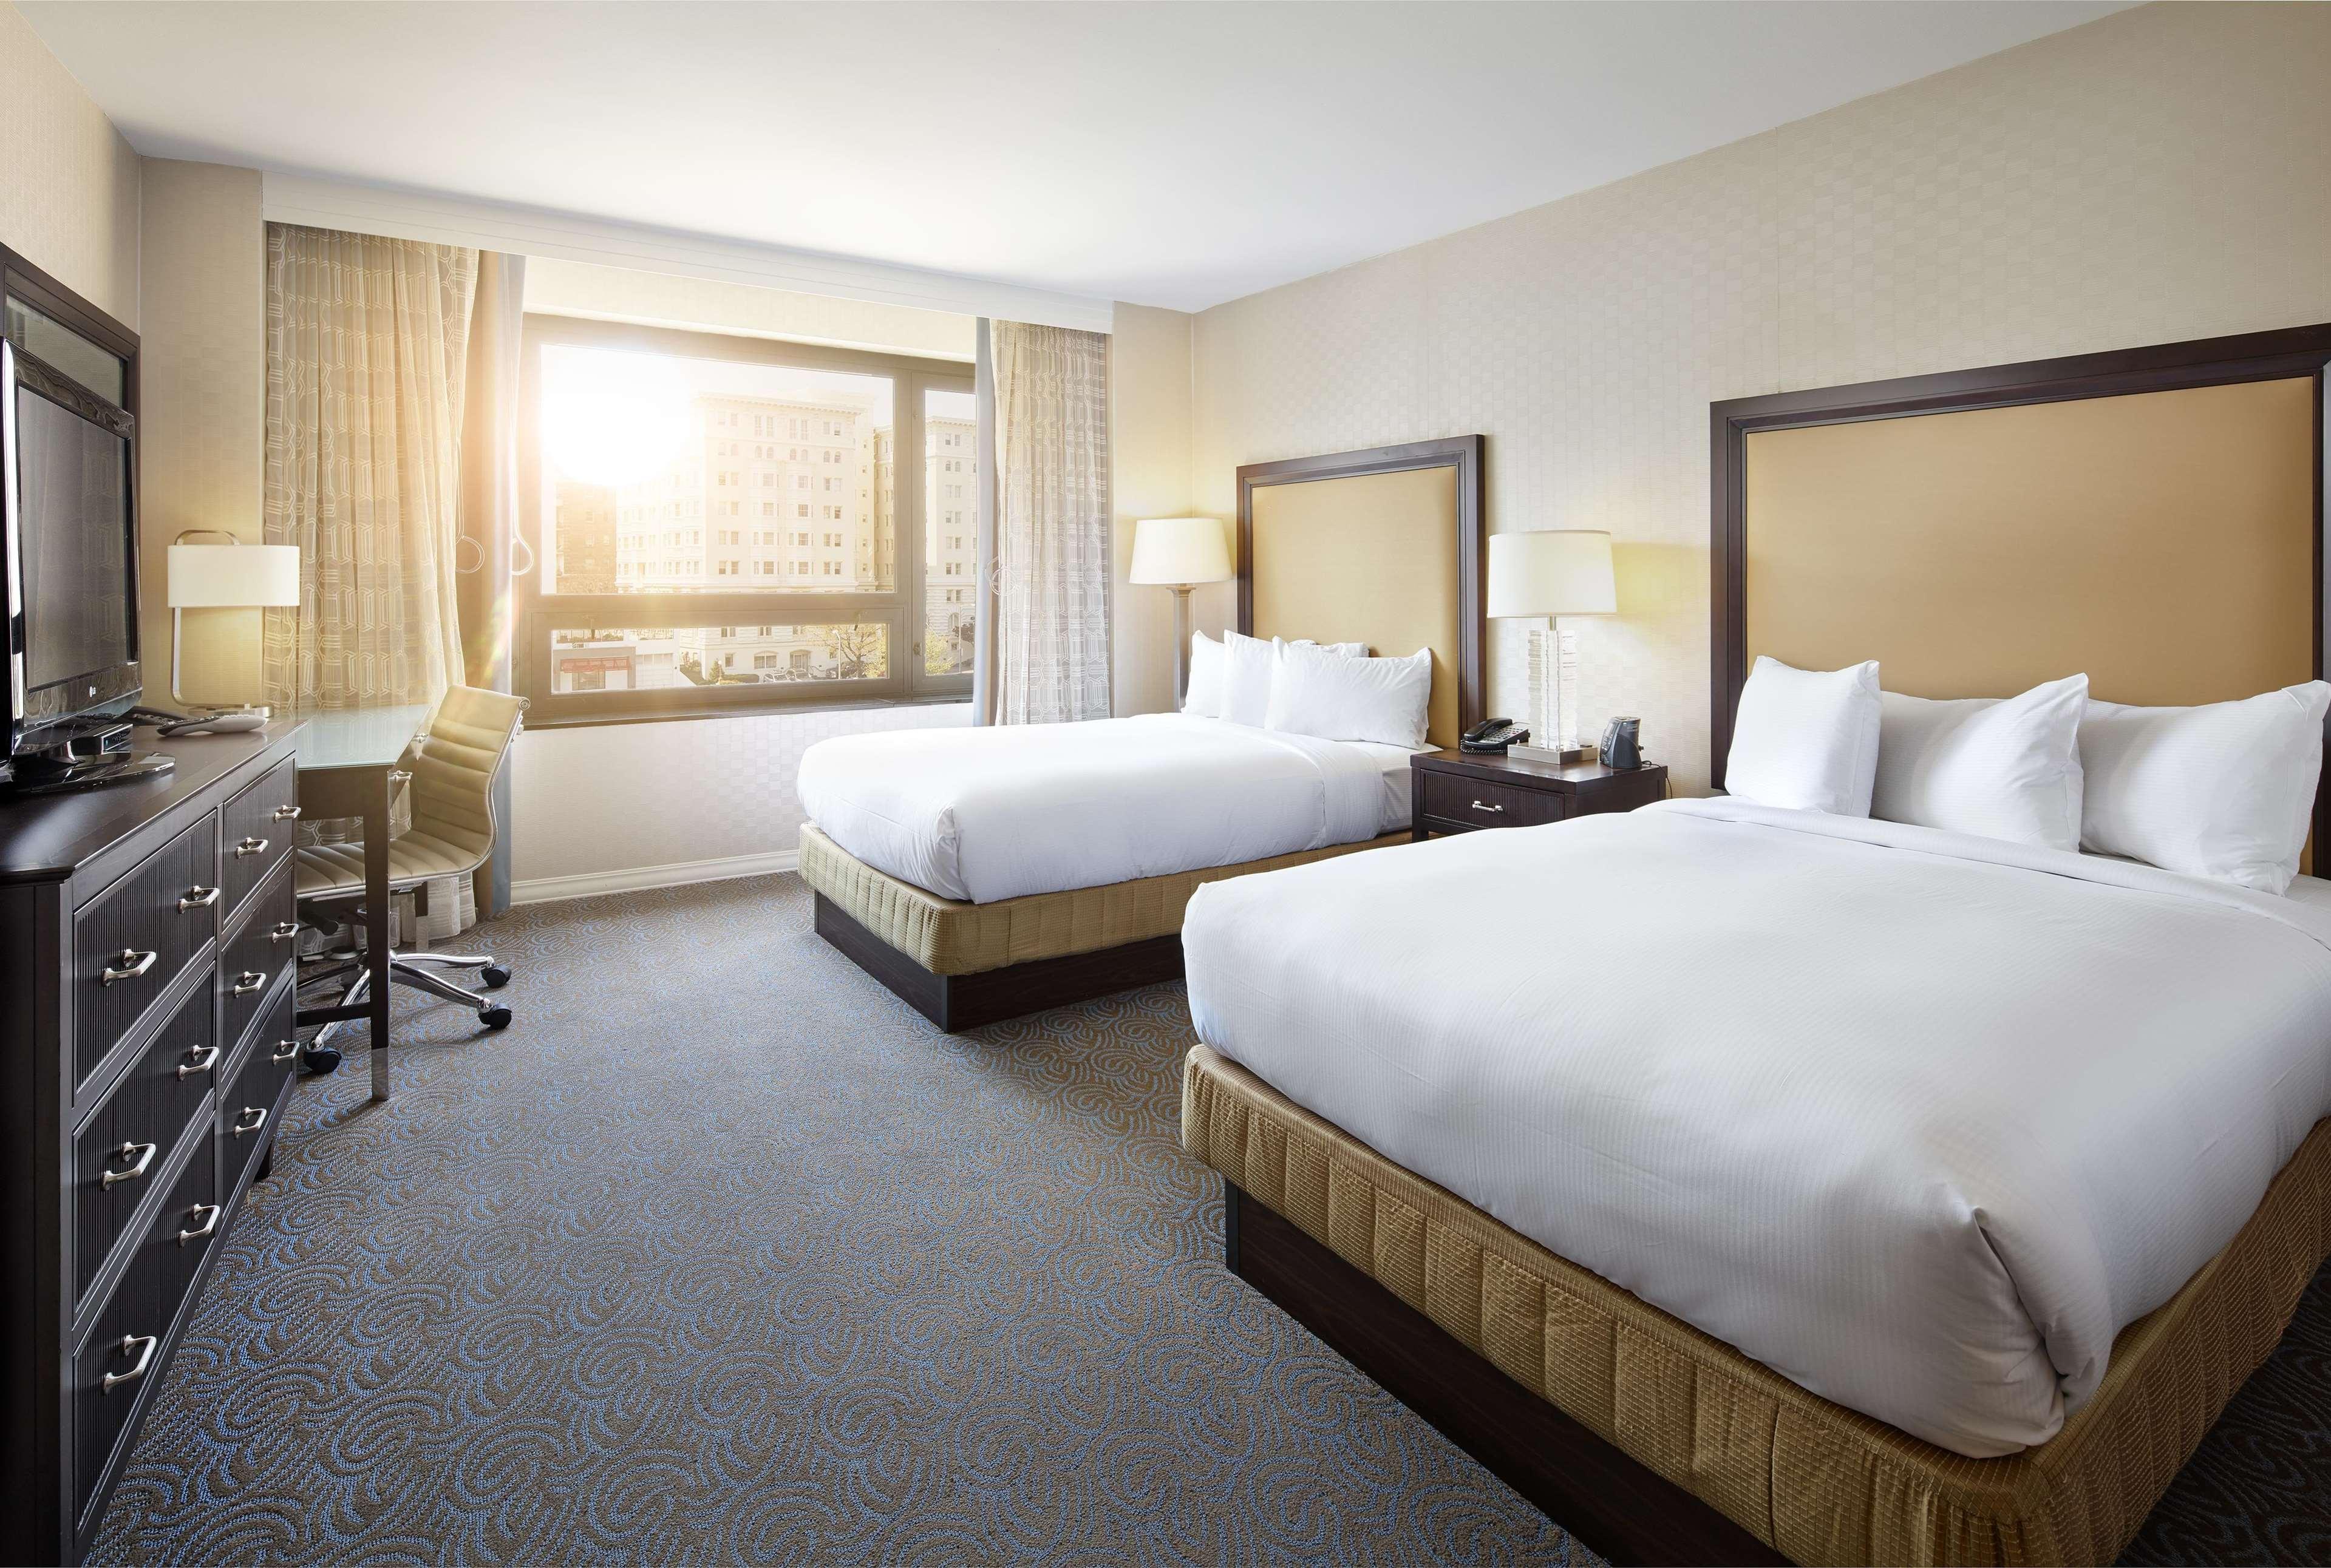 Washington Hilton image 13